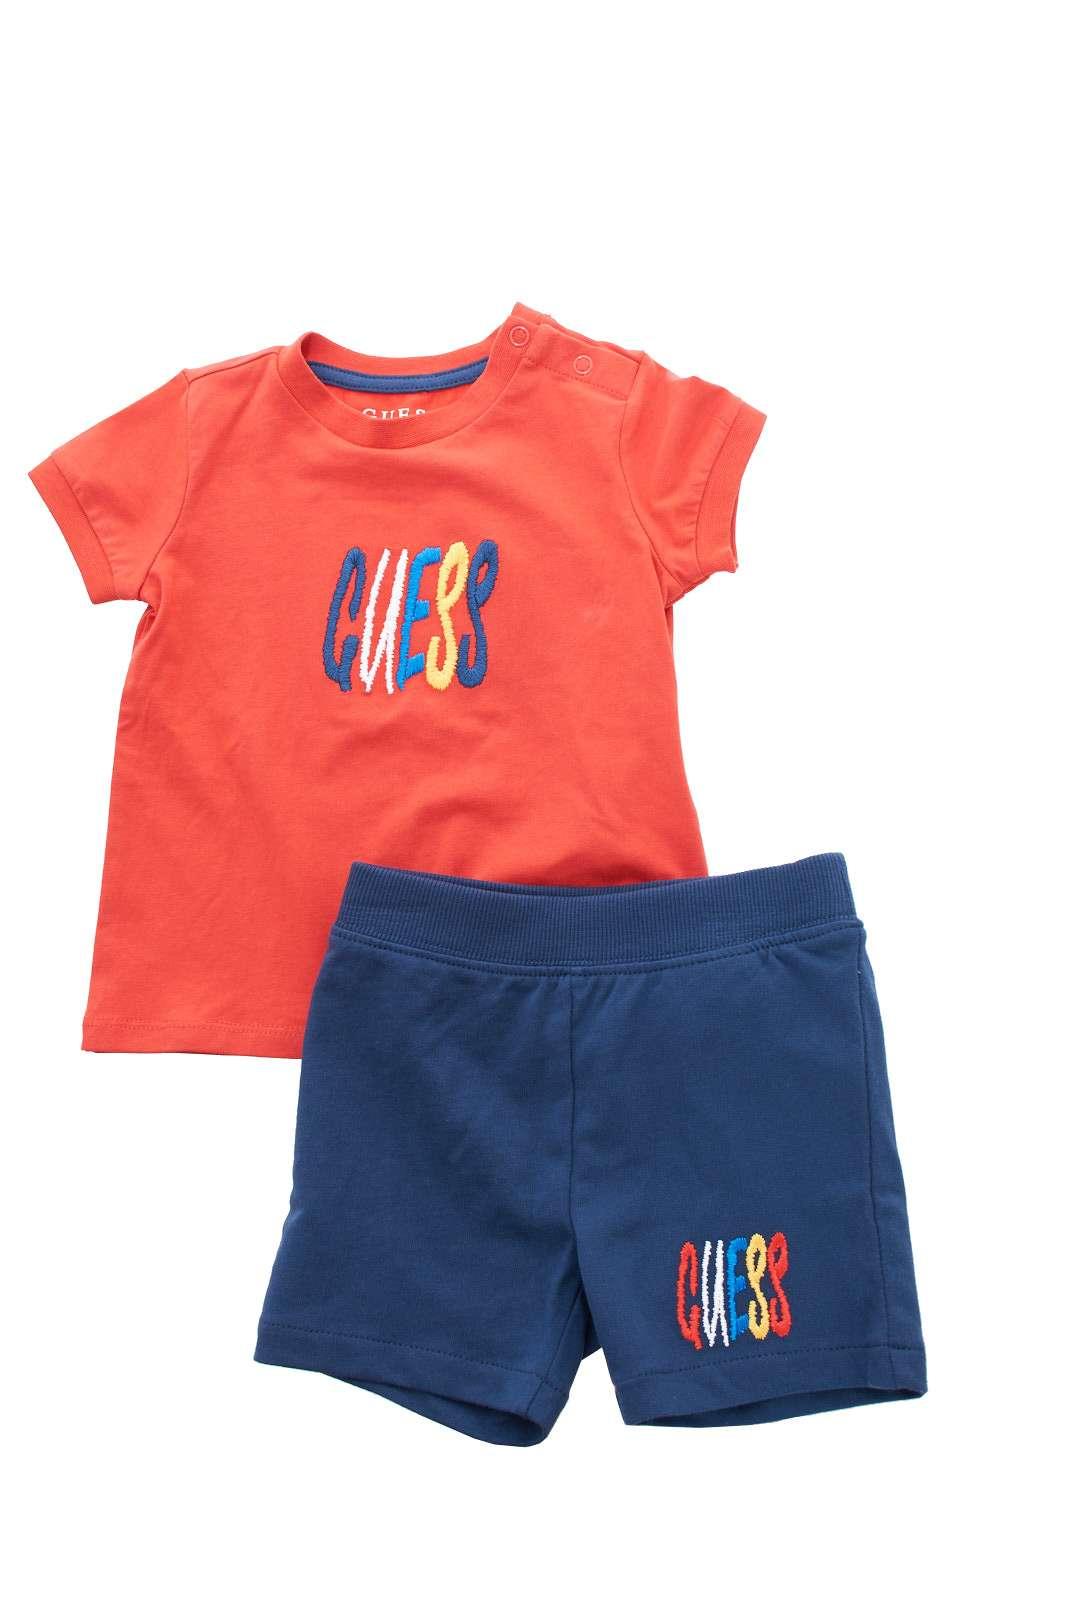 Un completo versatile, curato e al passo con le tendenze, firmato Guess da bambino.  L'ideale da indossare per la sua routine, dalla scuola, agli impegni pomeridiani, per outfit semplici e poco elaborati.